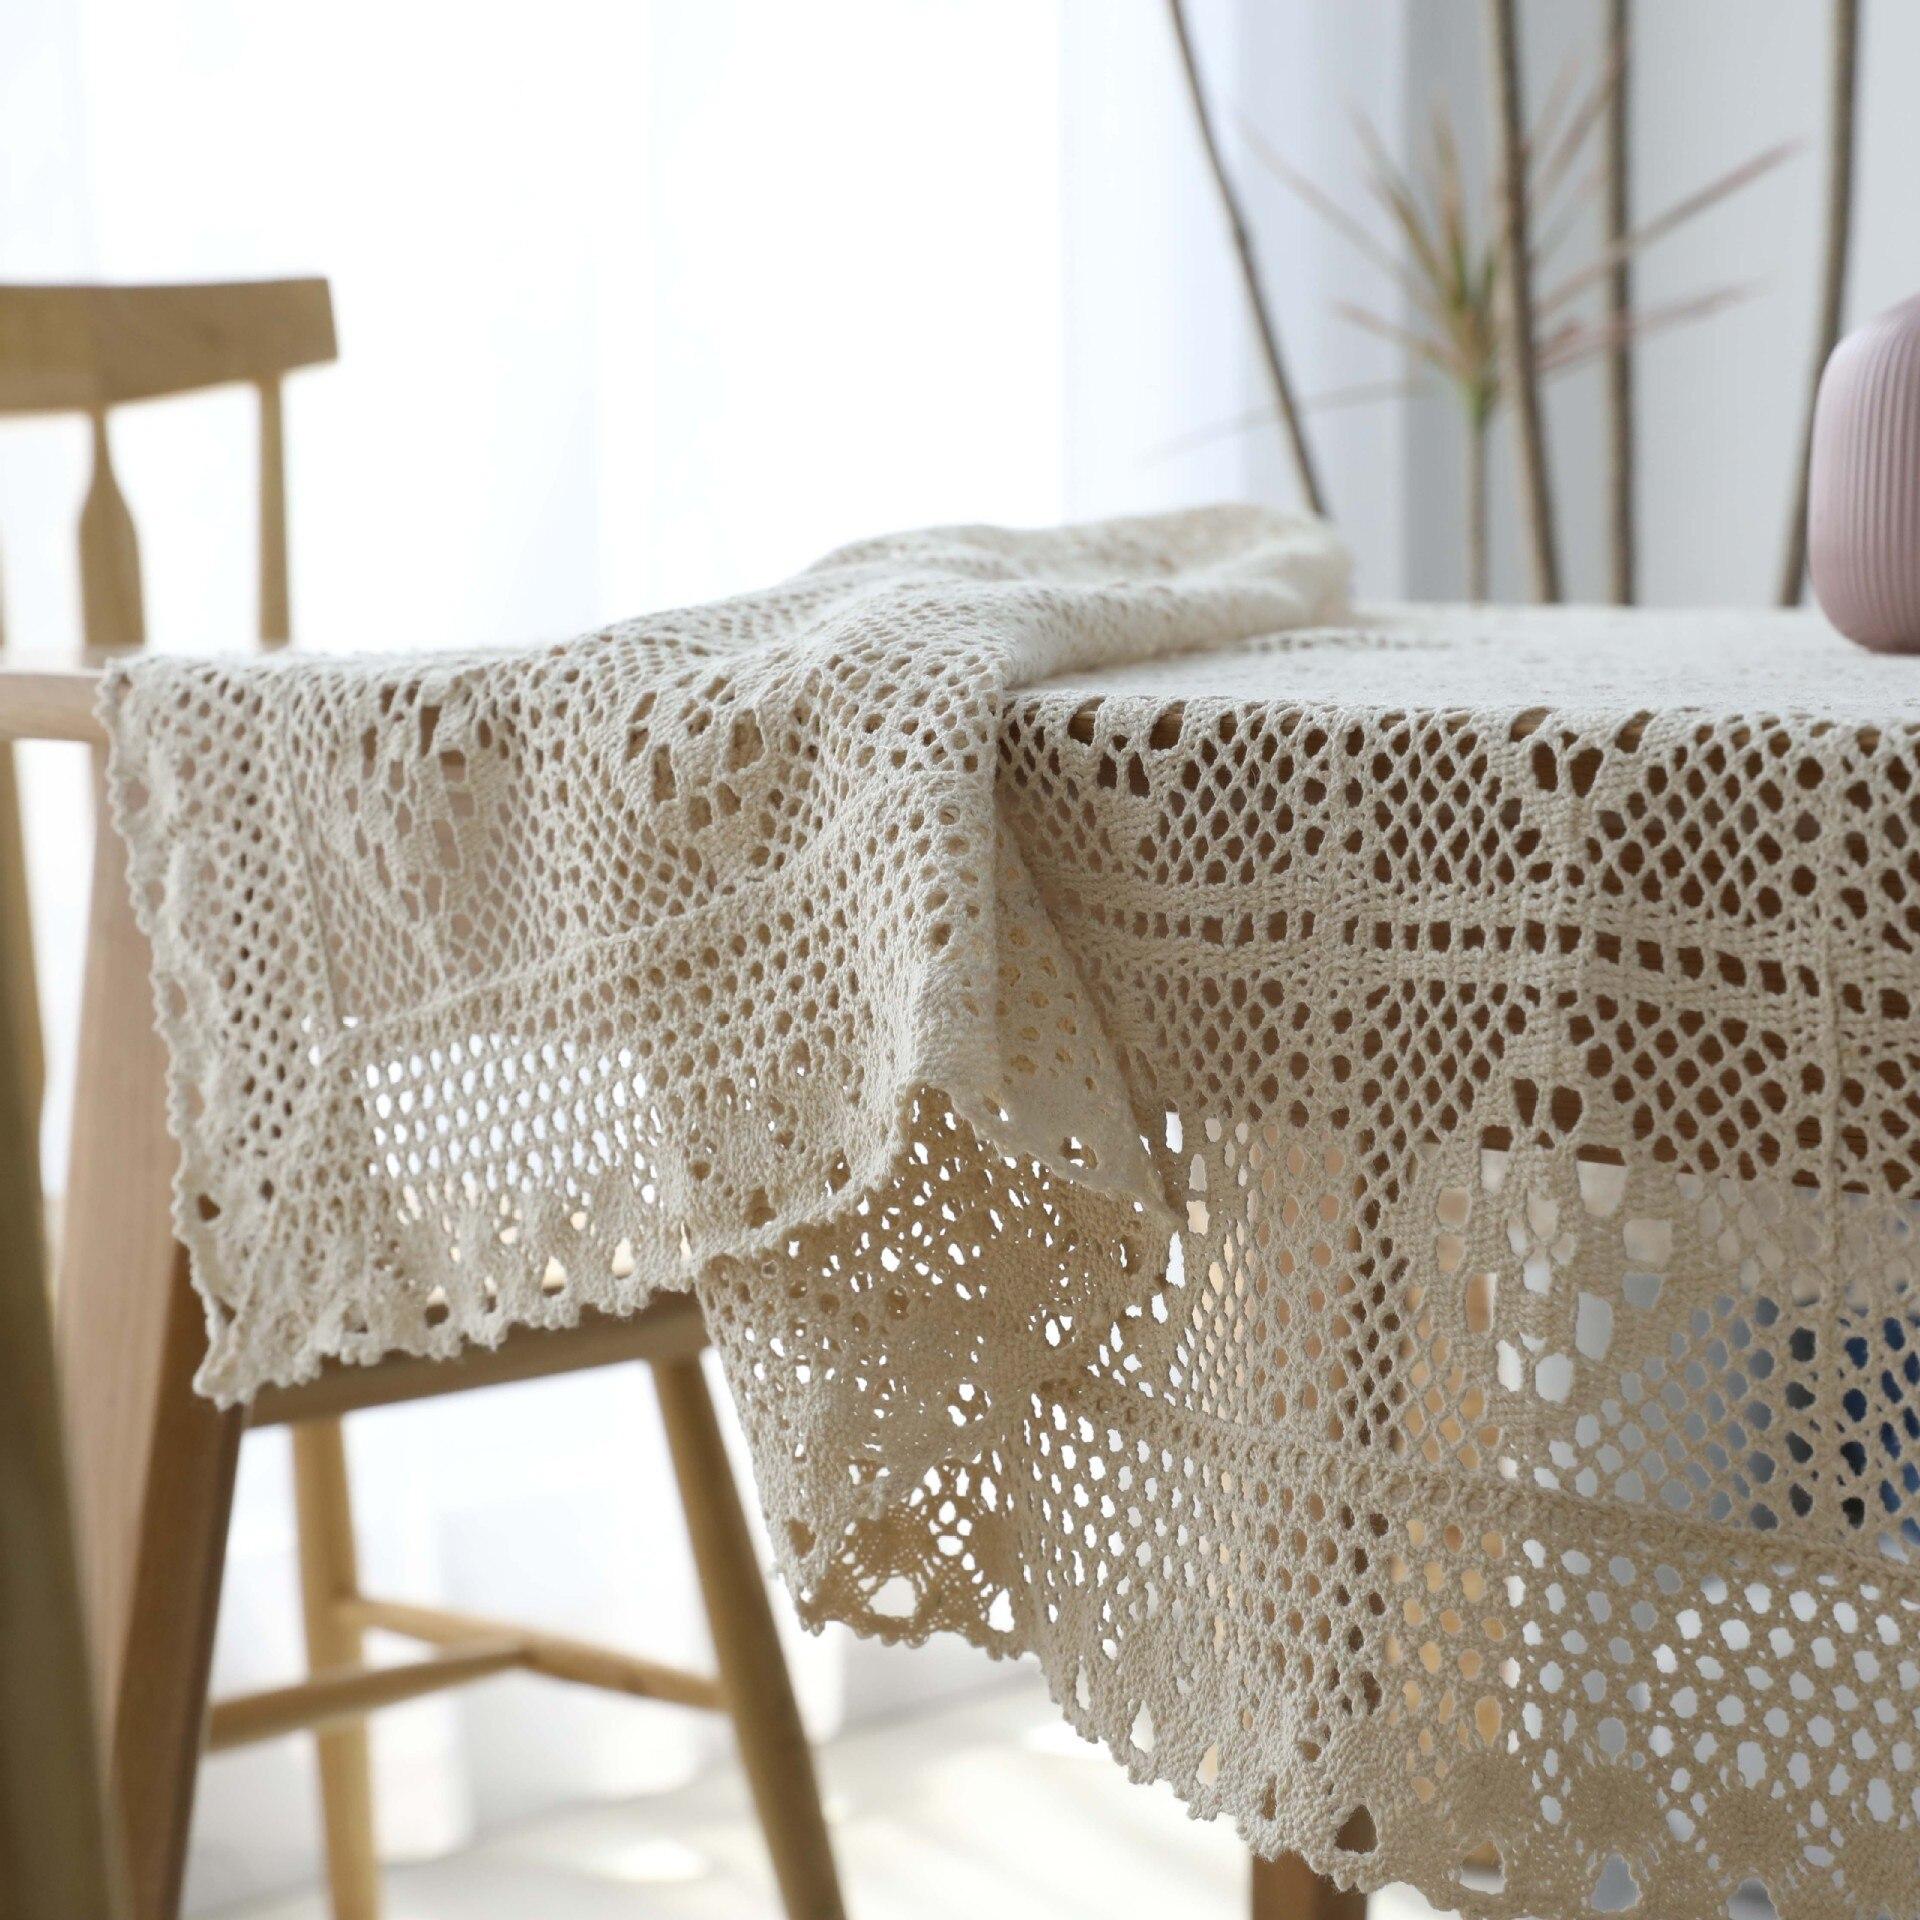 Бежевая пустотелая плетеная прямоугольная скатерть для стола, одежда для свадьбы, ручная работа, Вязаная скатерть, украшение для дома, гостиной|Скатерти|   | АлиЭкспресс